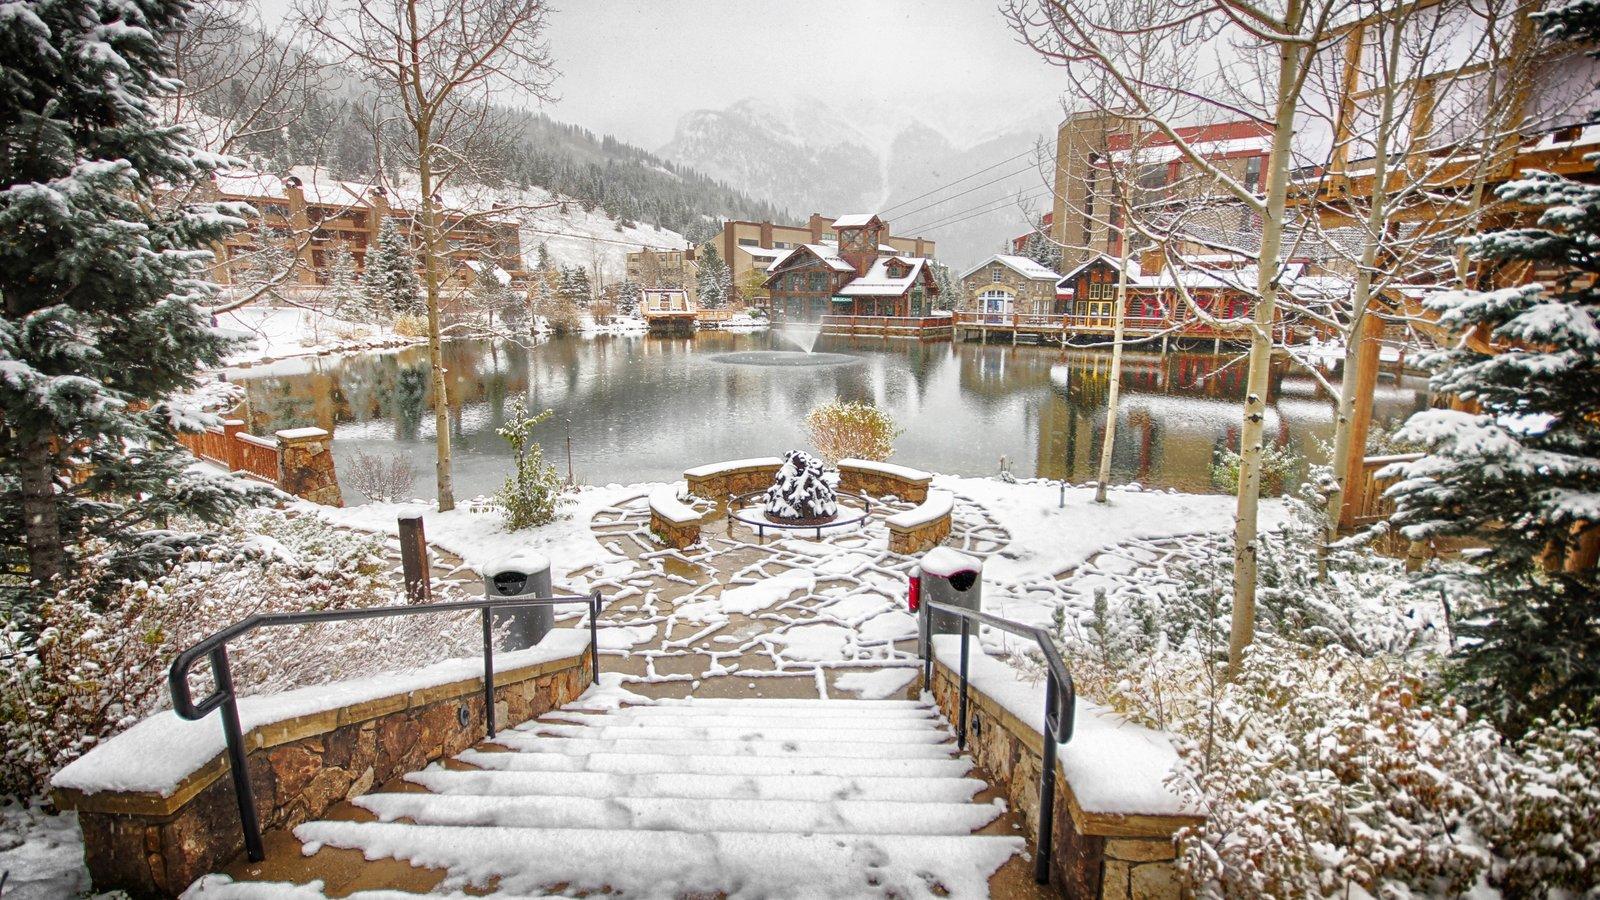 Estação de esqui de Copper Mountain que inclui uma fonte, neve e um lago ou charco